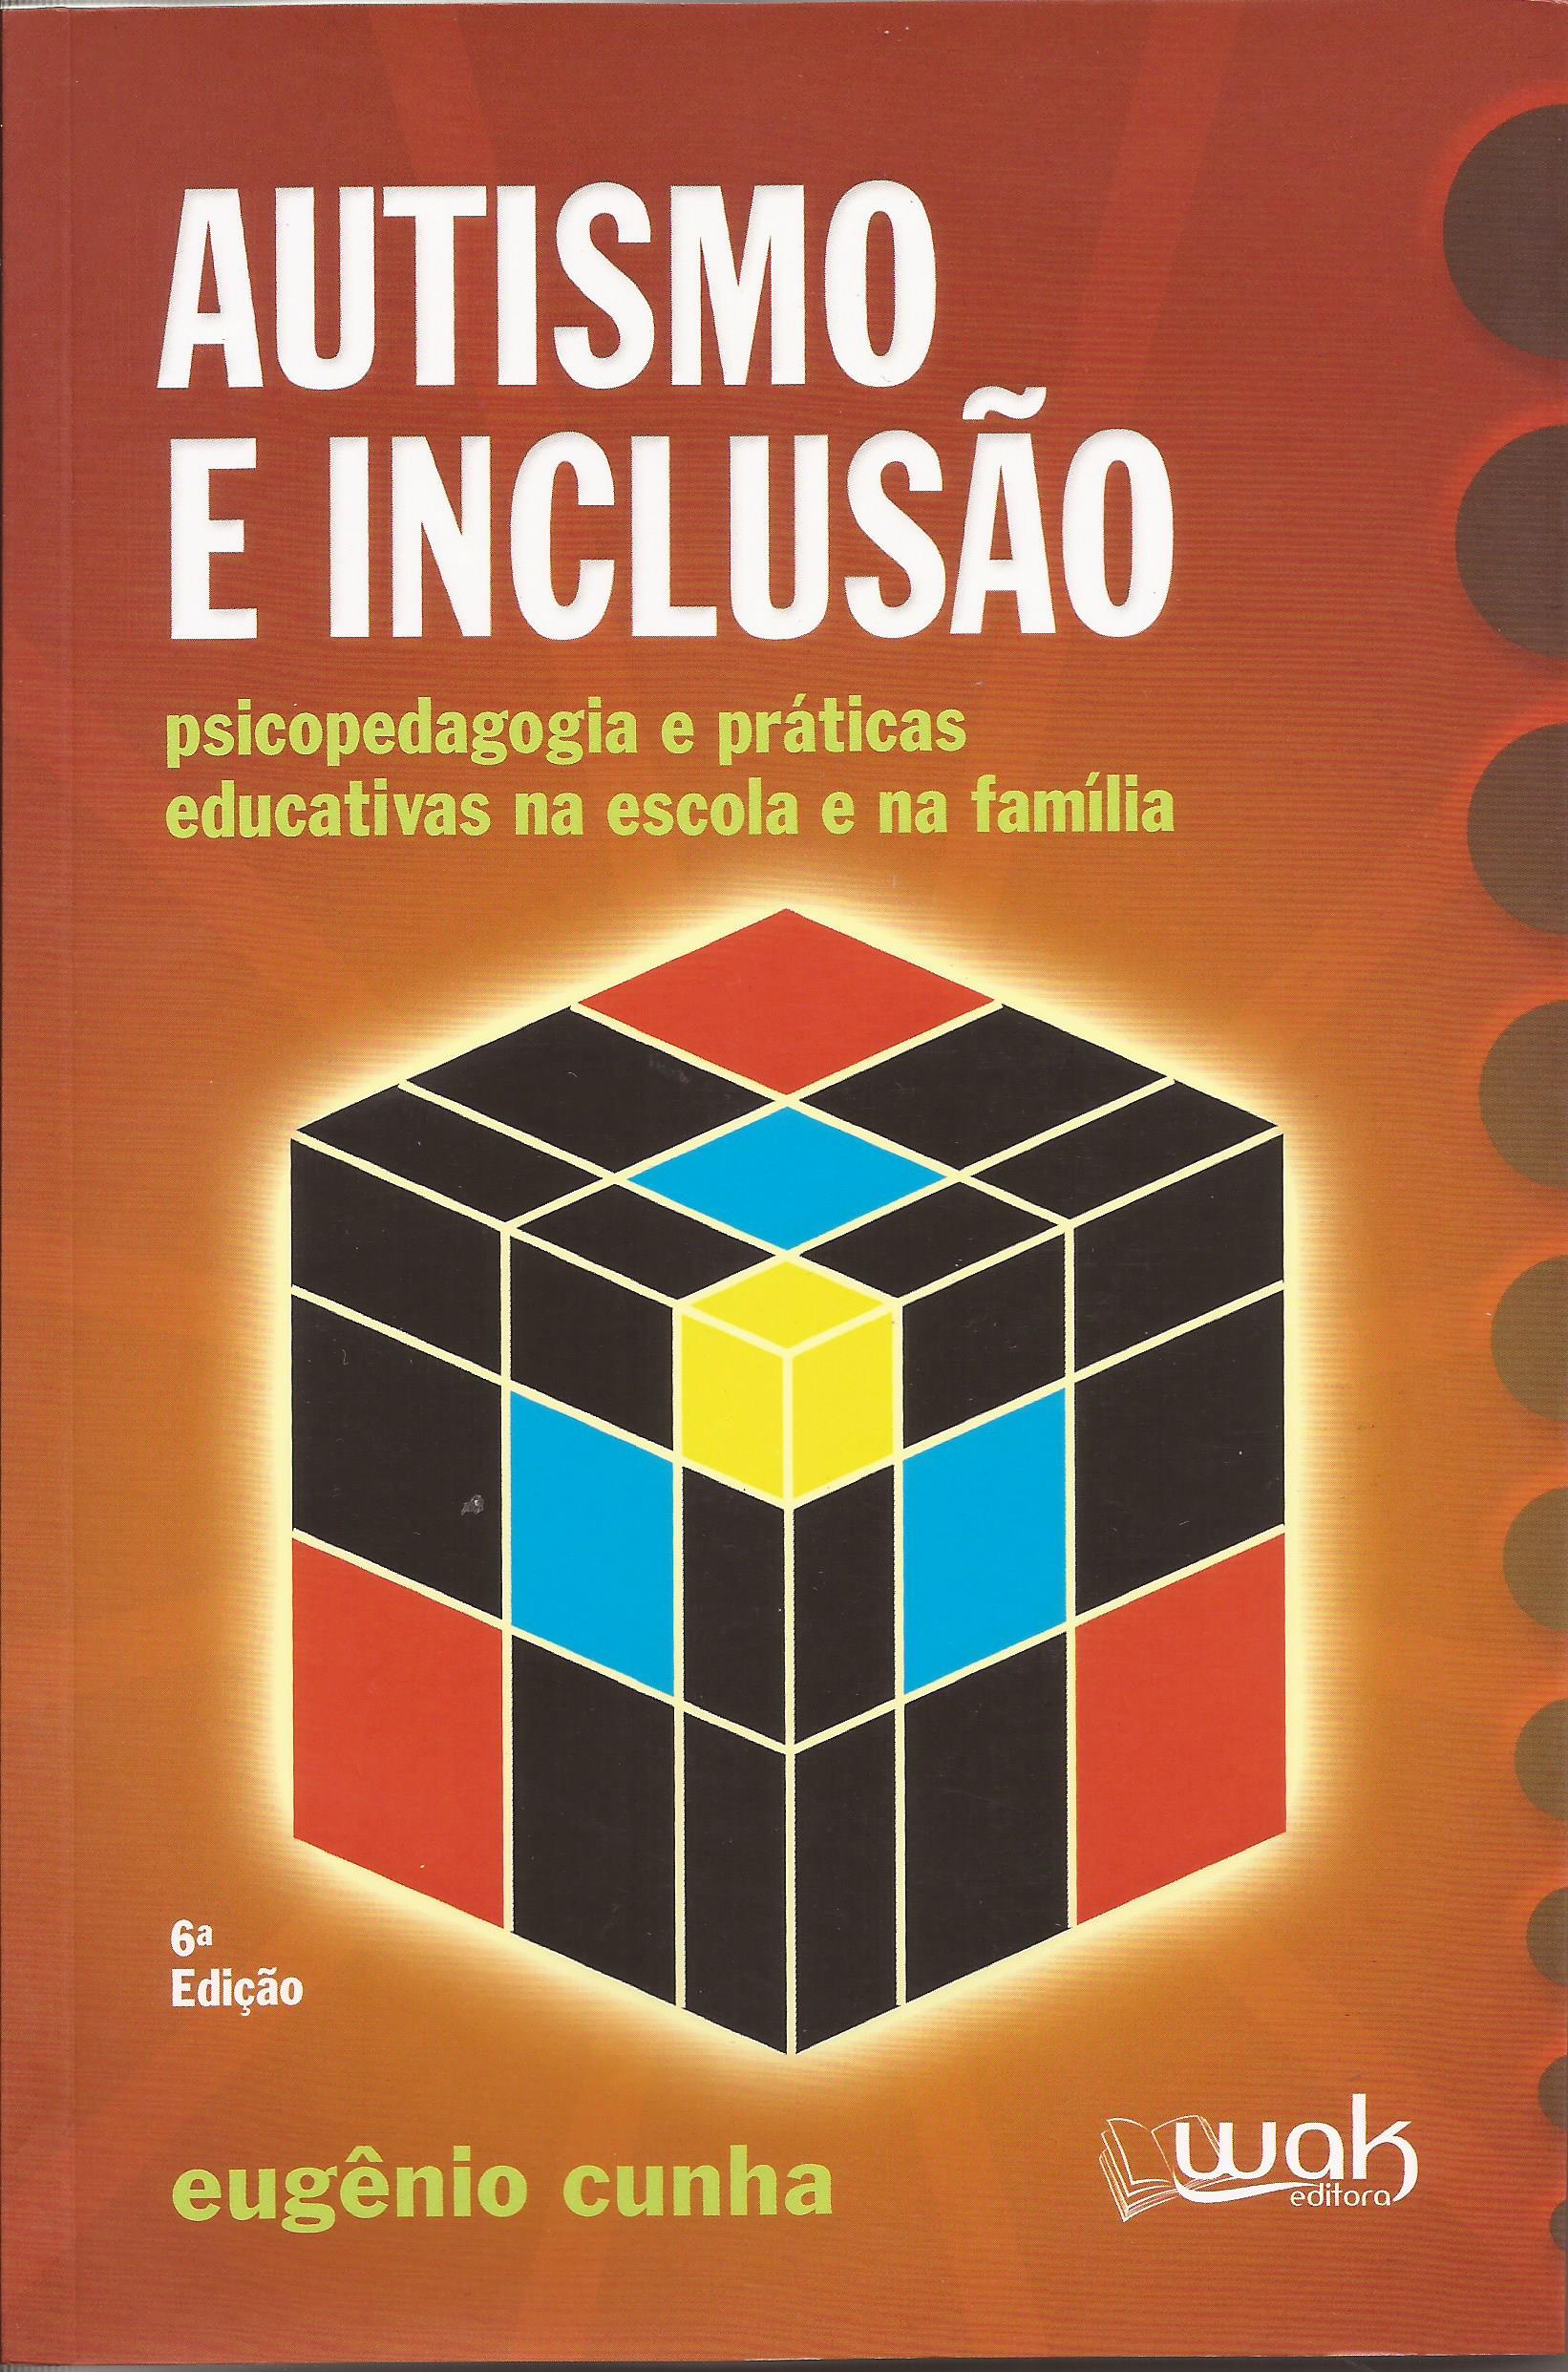 Autismo e Inclusão – psicopedagogia e práticas educativas na escola e na família